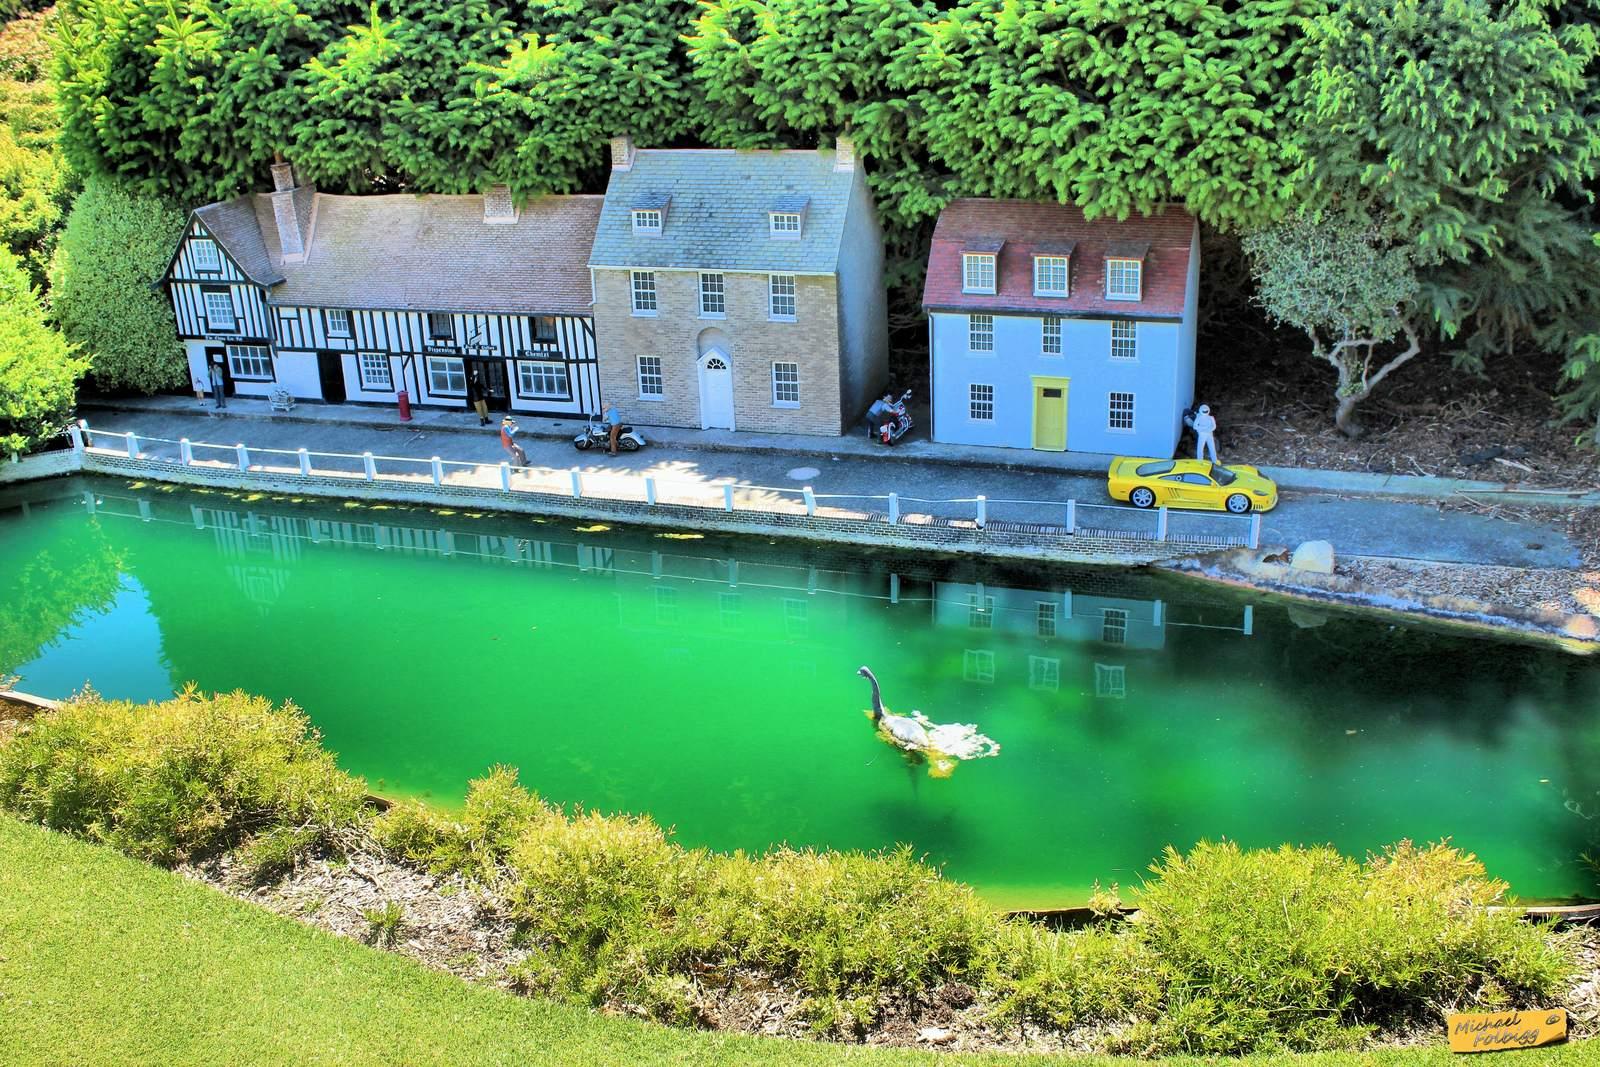 cockington green7 Cockington Green Gardens   Park of Miniatures